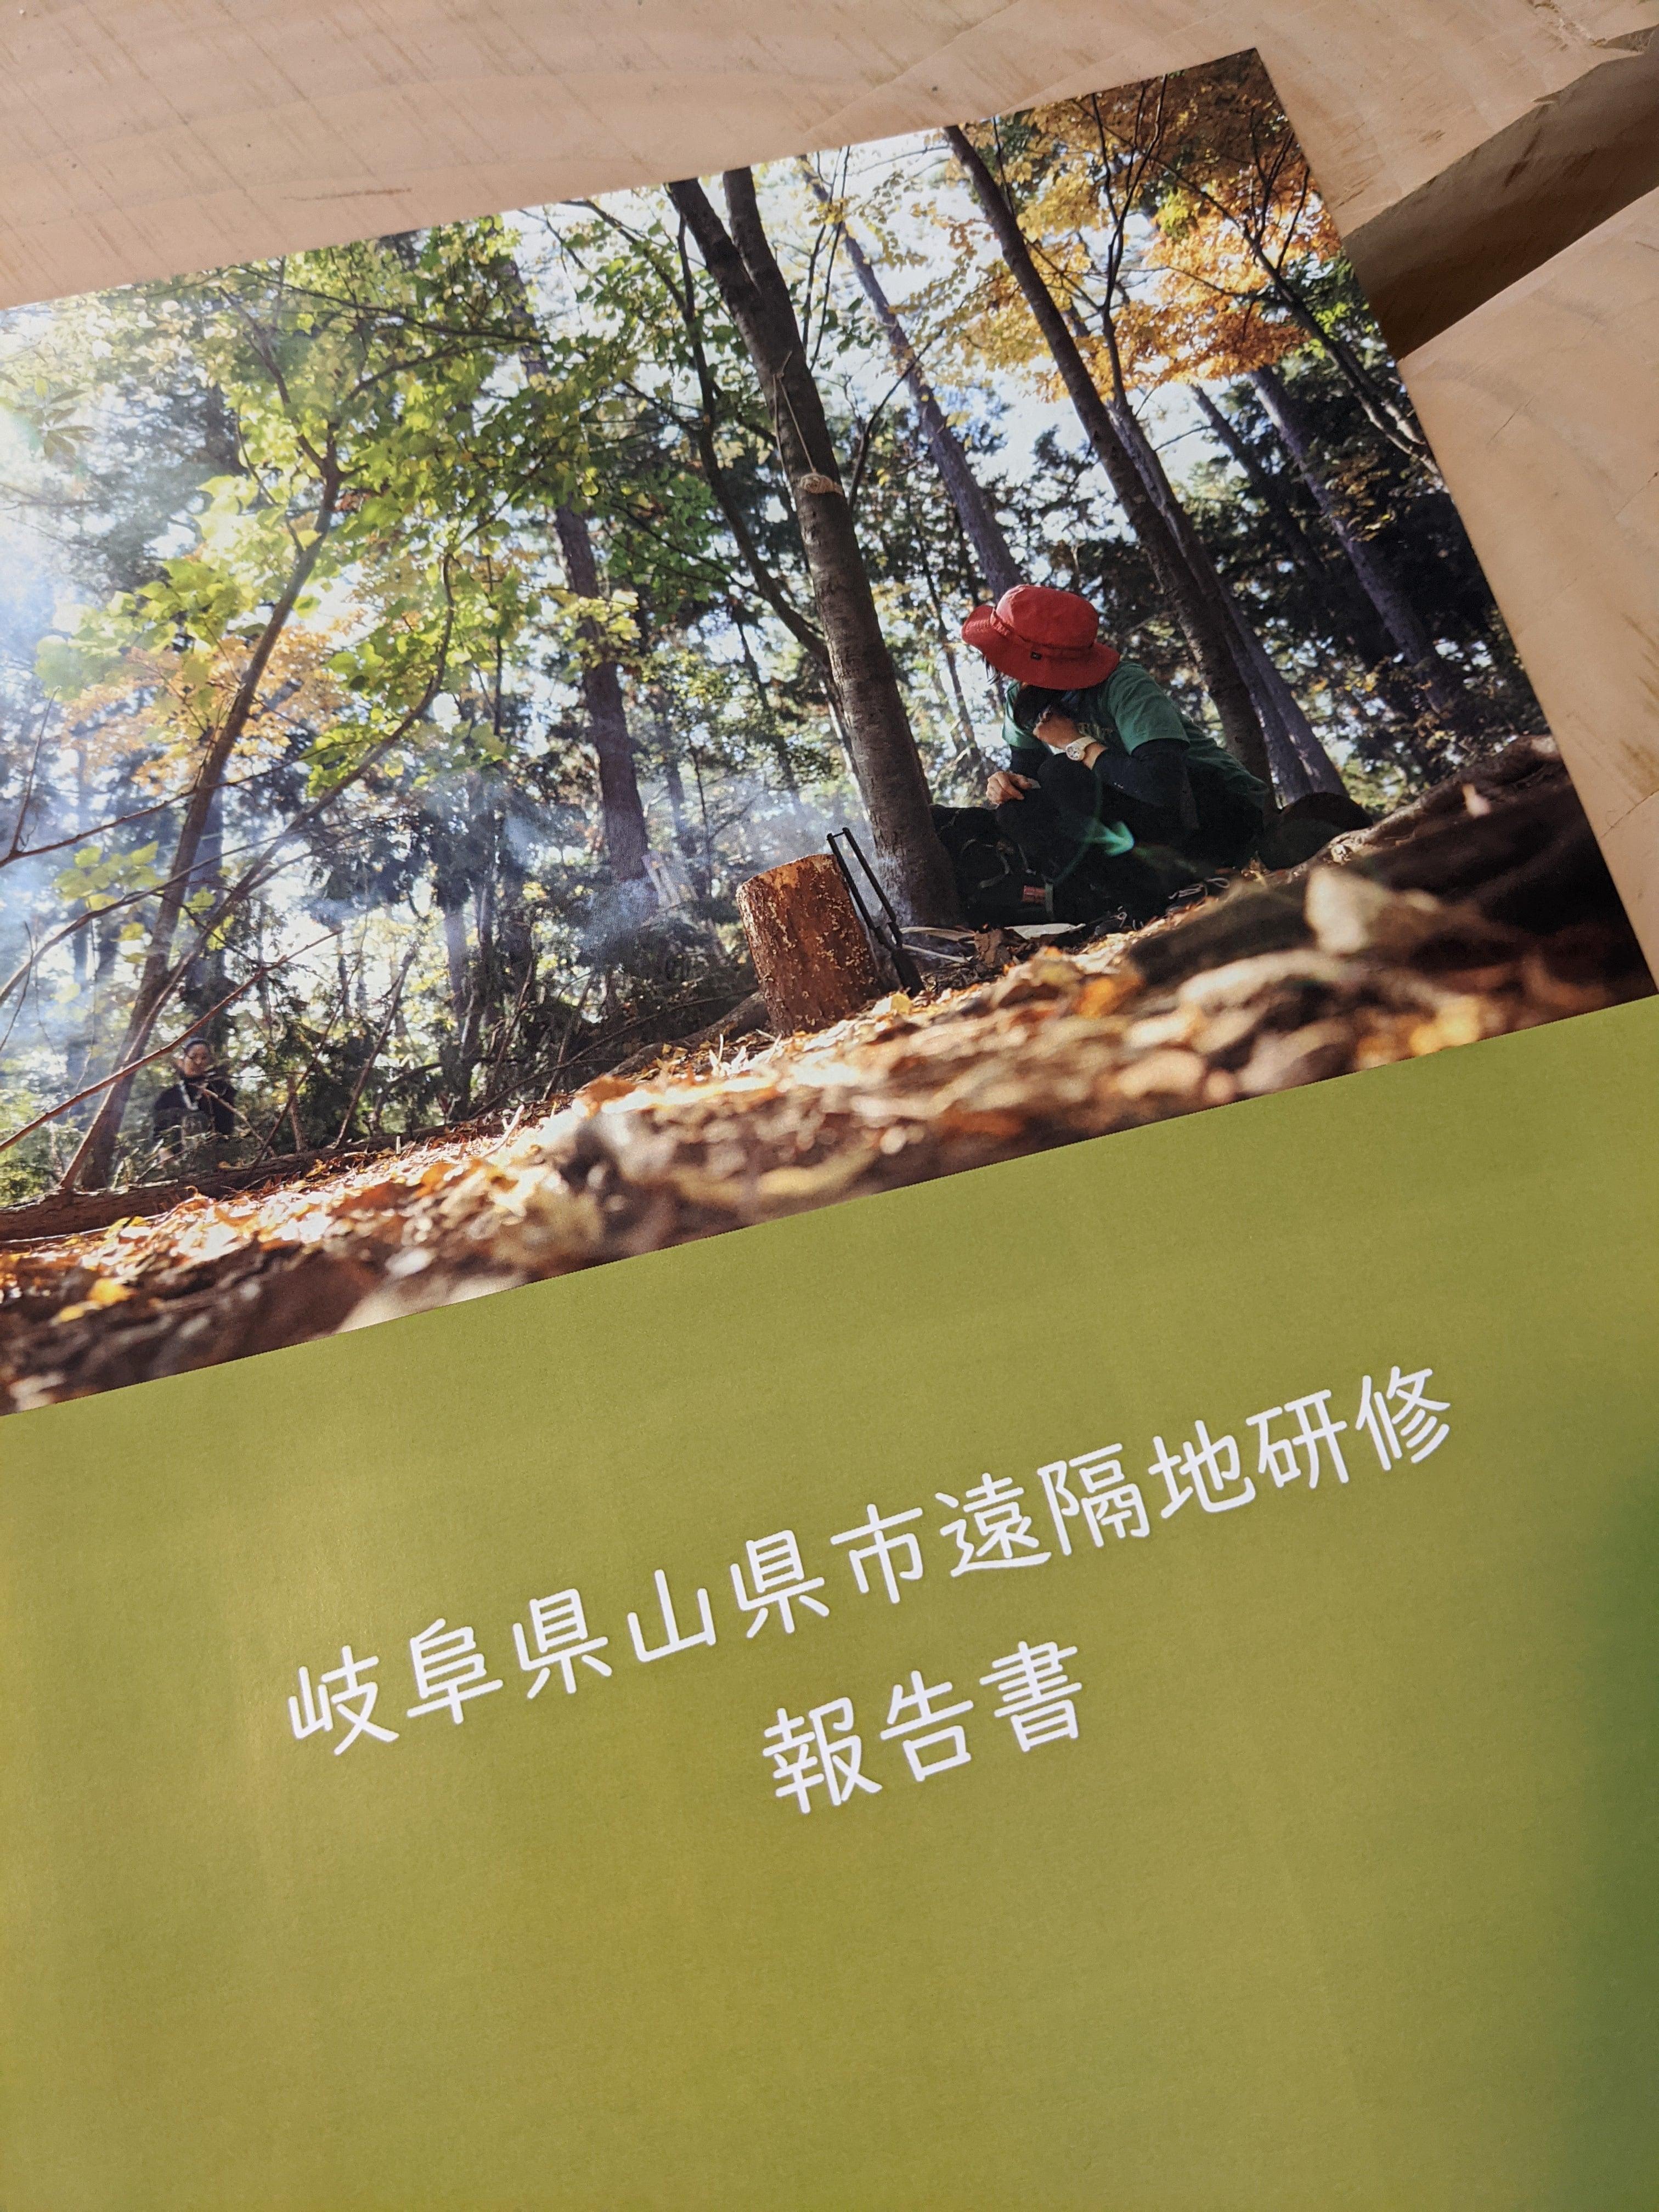 岐阜県山県市の研修報告書が完成しました